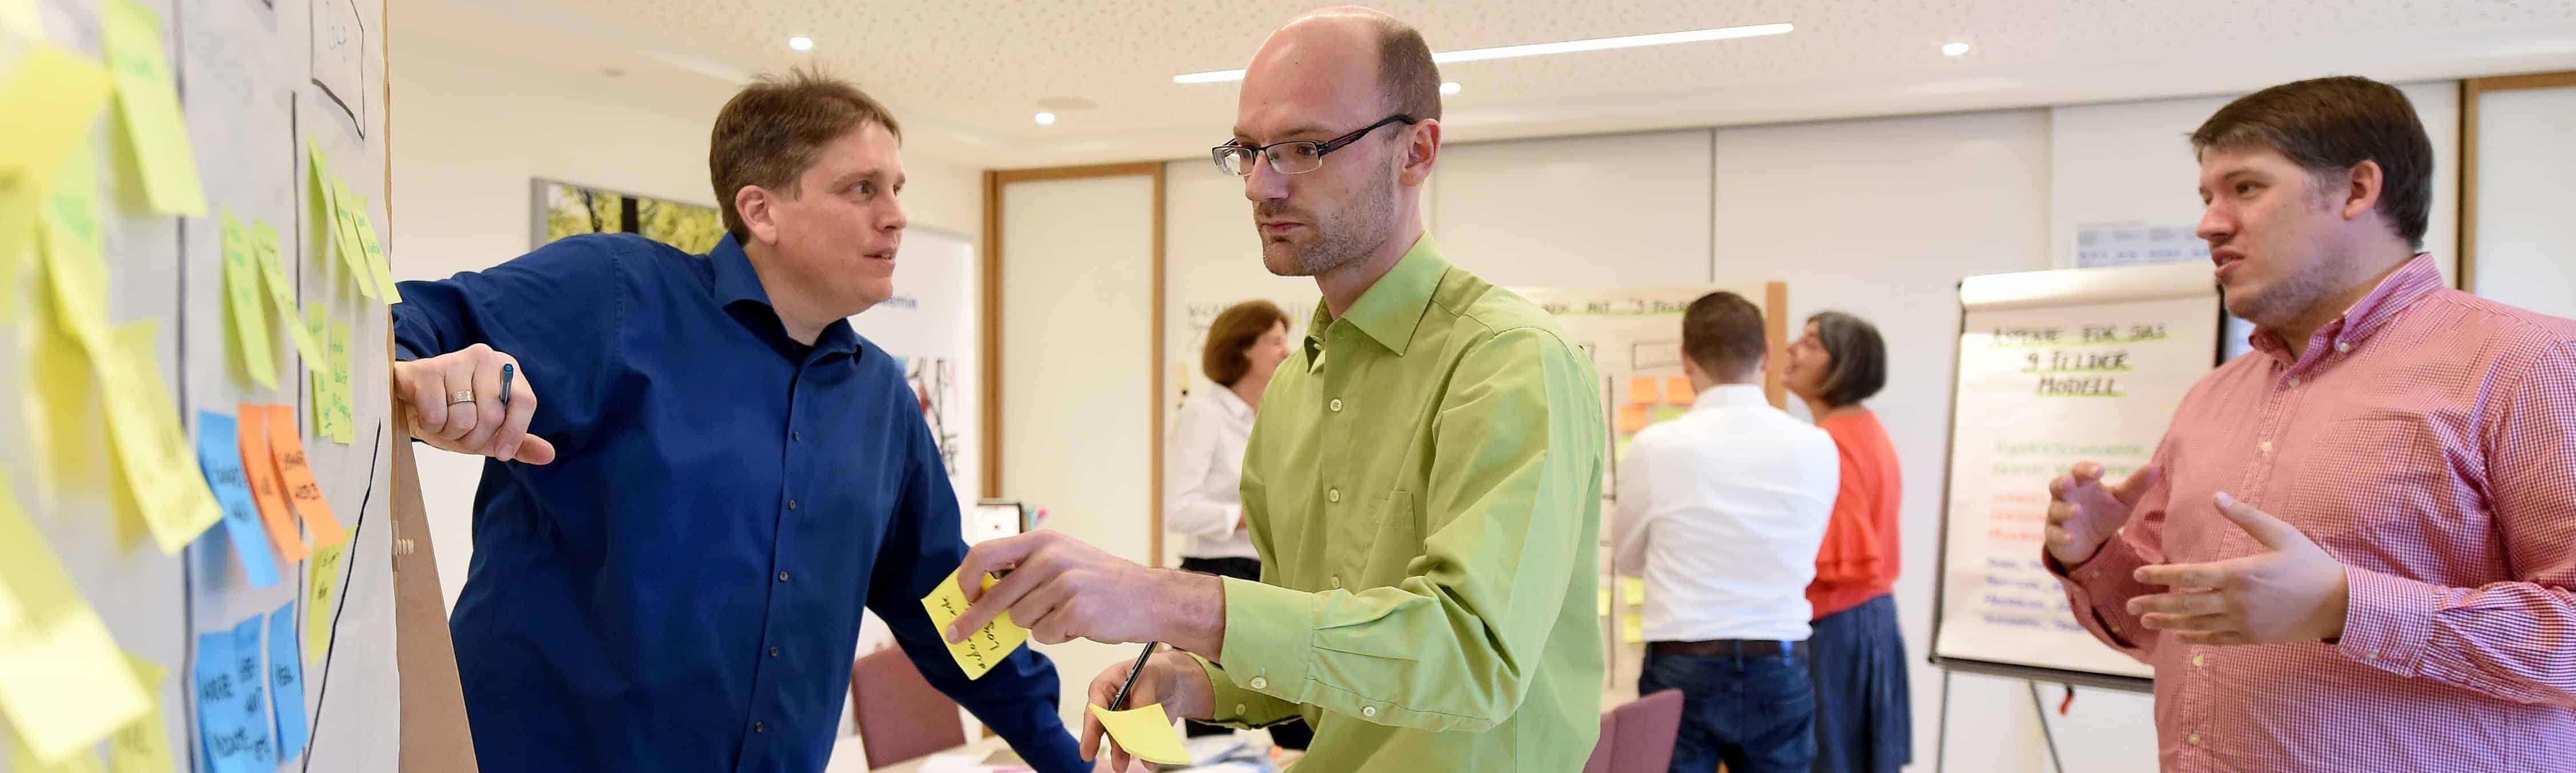 TRIZ-Akademie_Kennenlern-Workshop